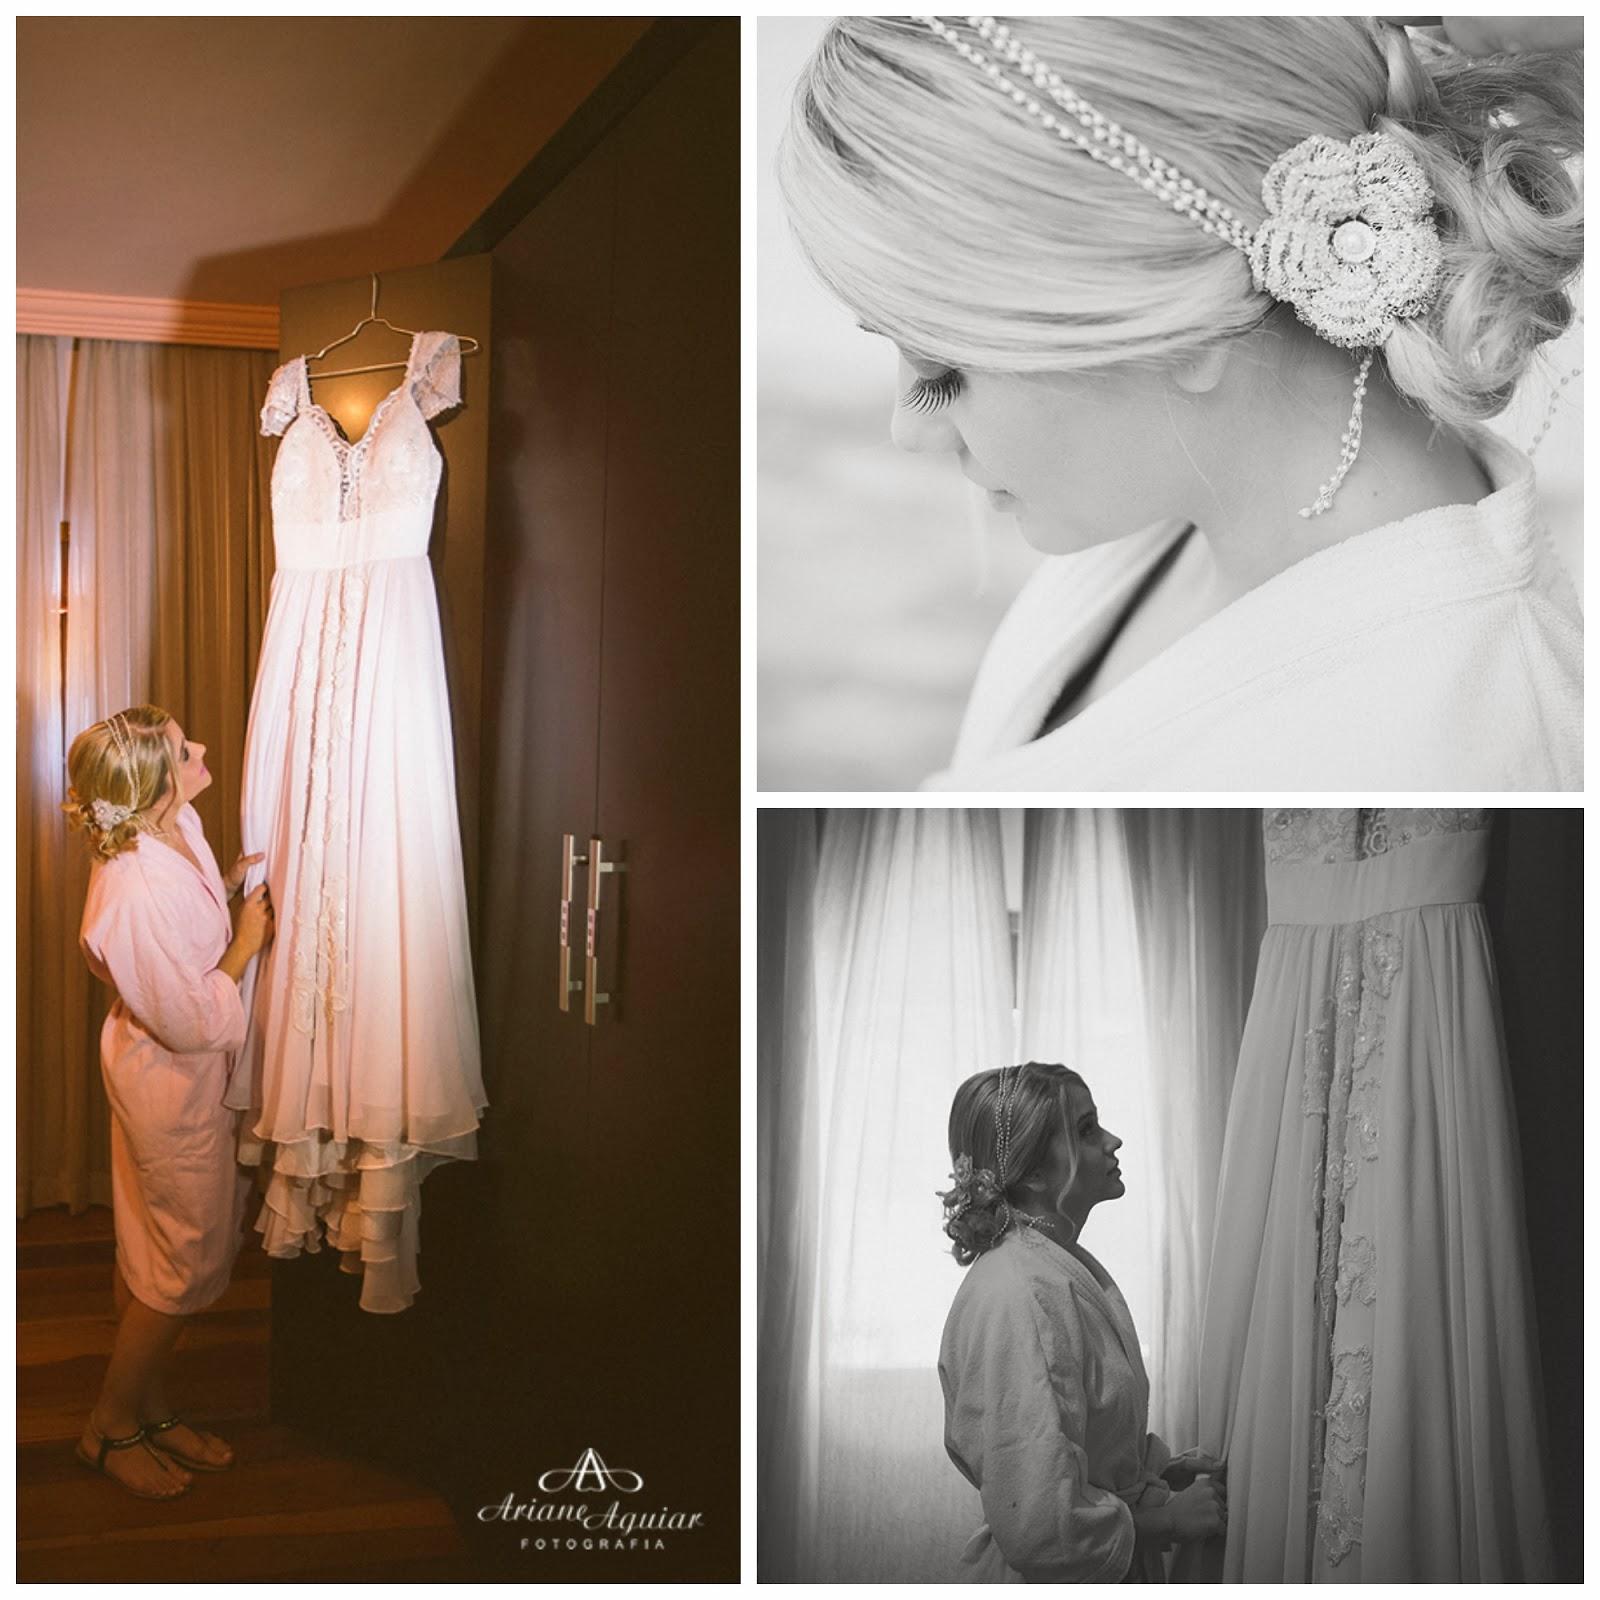 cerimonia-serra-rola-moca-vestido-noiva-arranjo-cabelo